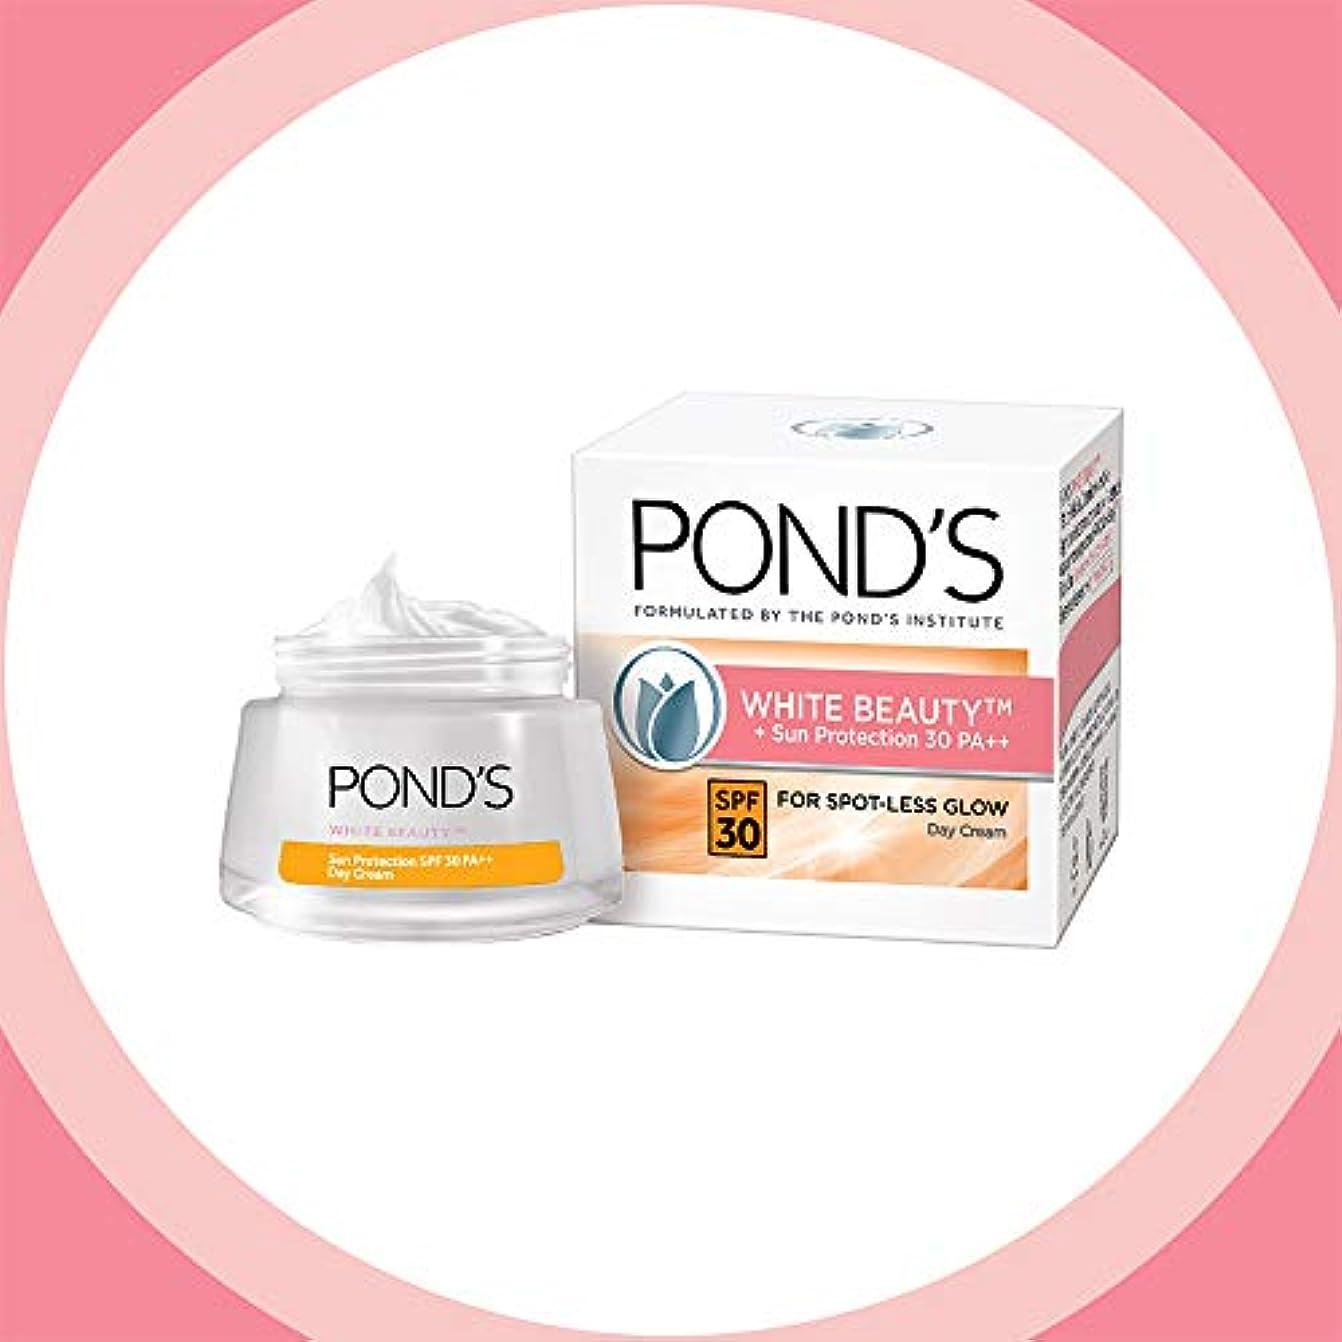 サロンタイヤライブPOND'S White Beauty Sun Protection SPF 30 Day Cream, 50 g